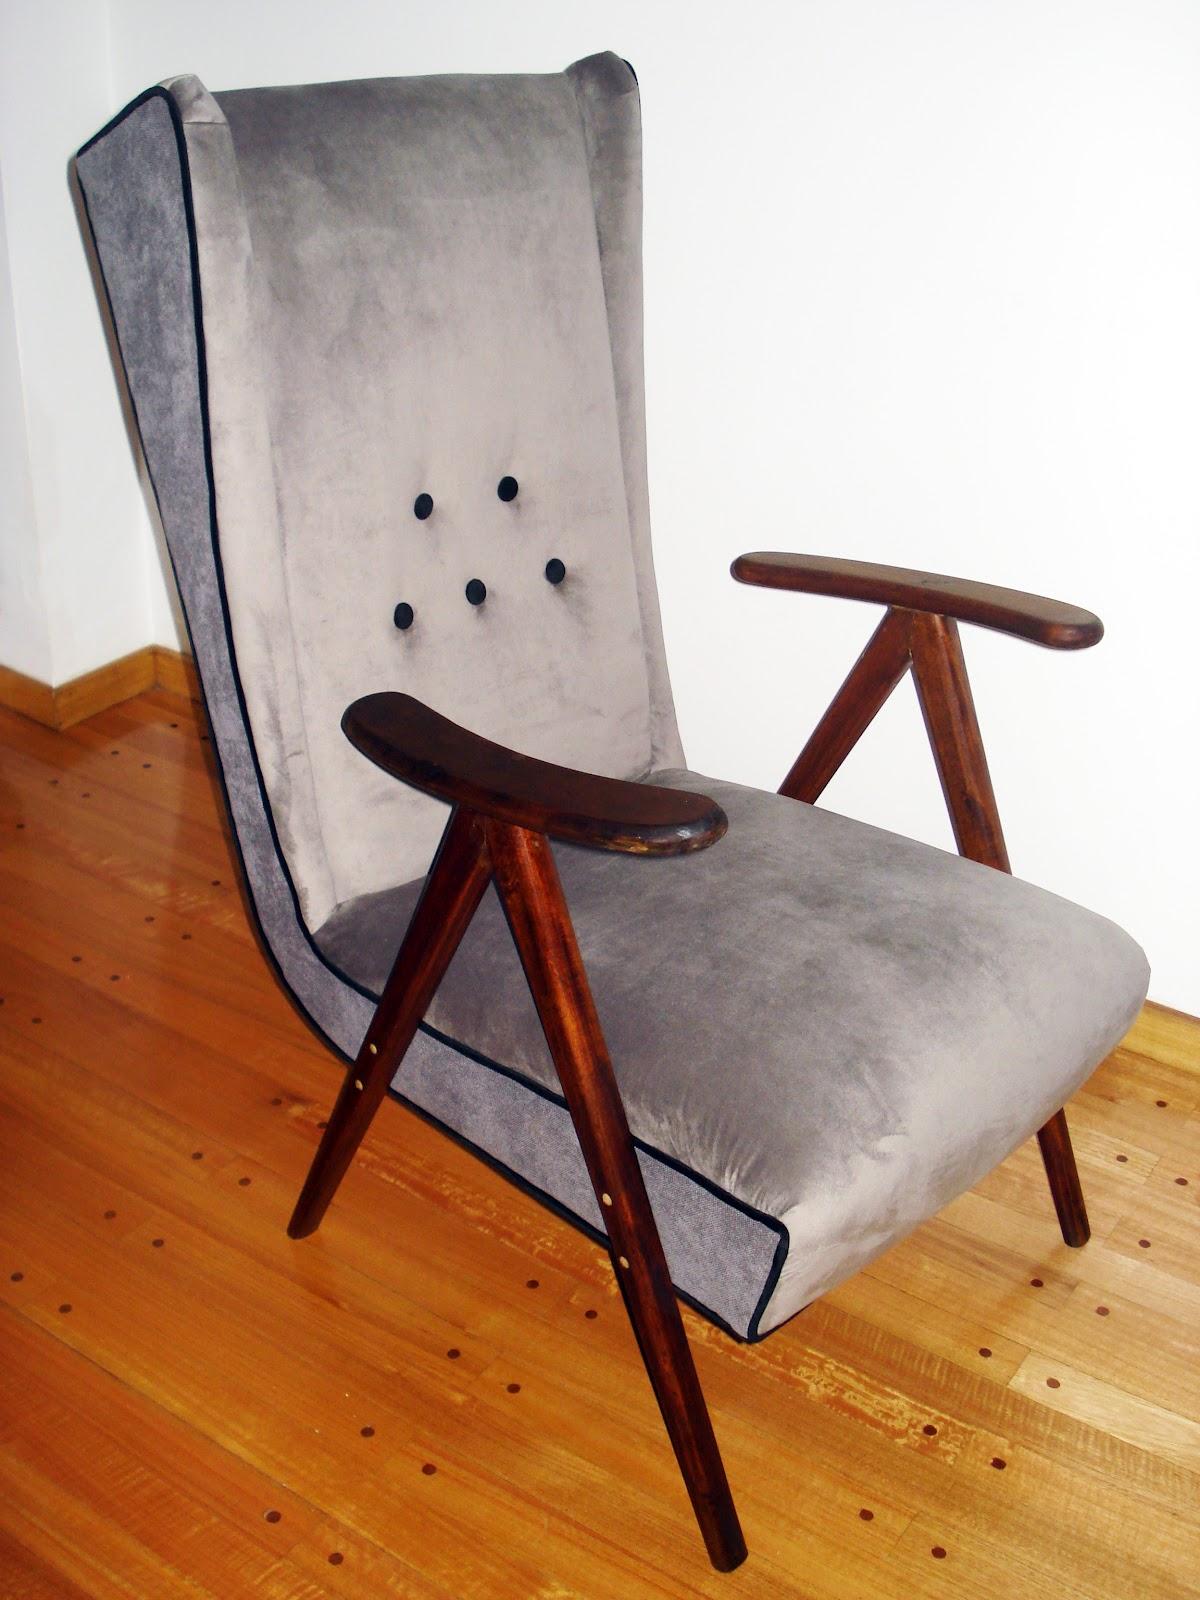 Chochiloca reciclado de muebles sillon americano for Reciclado de muebles